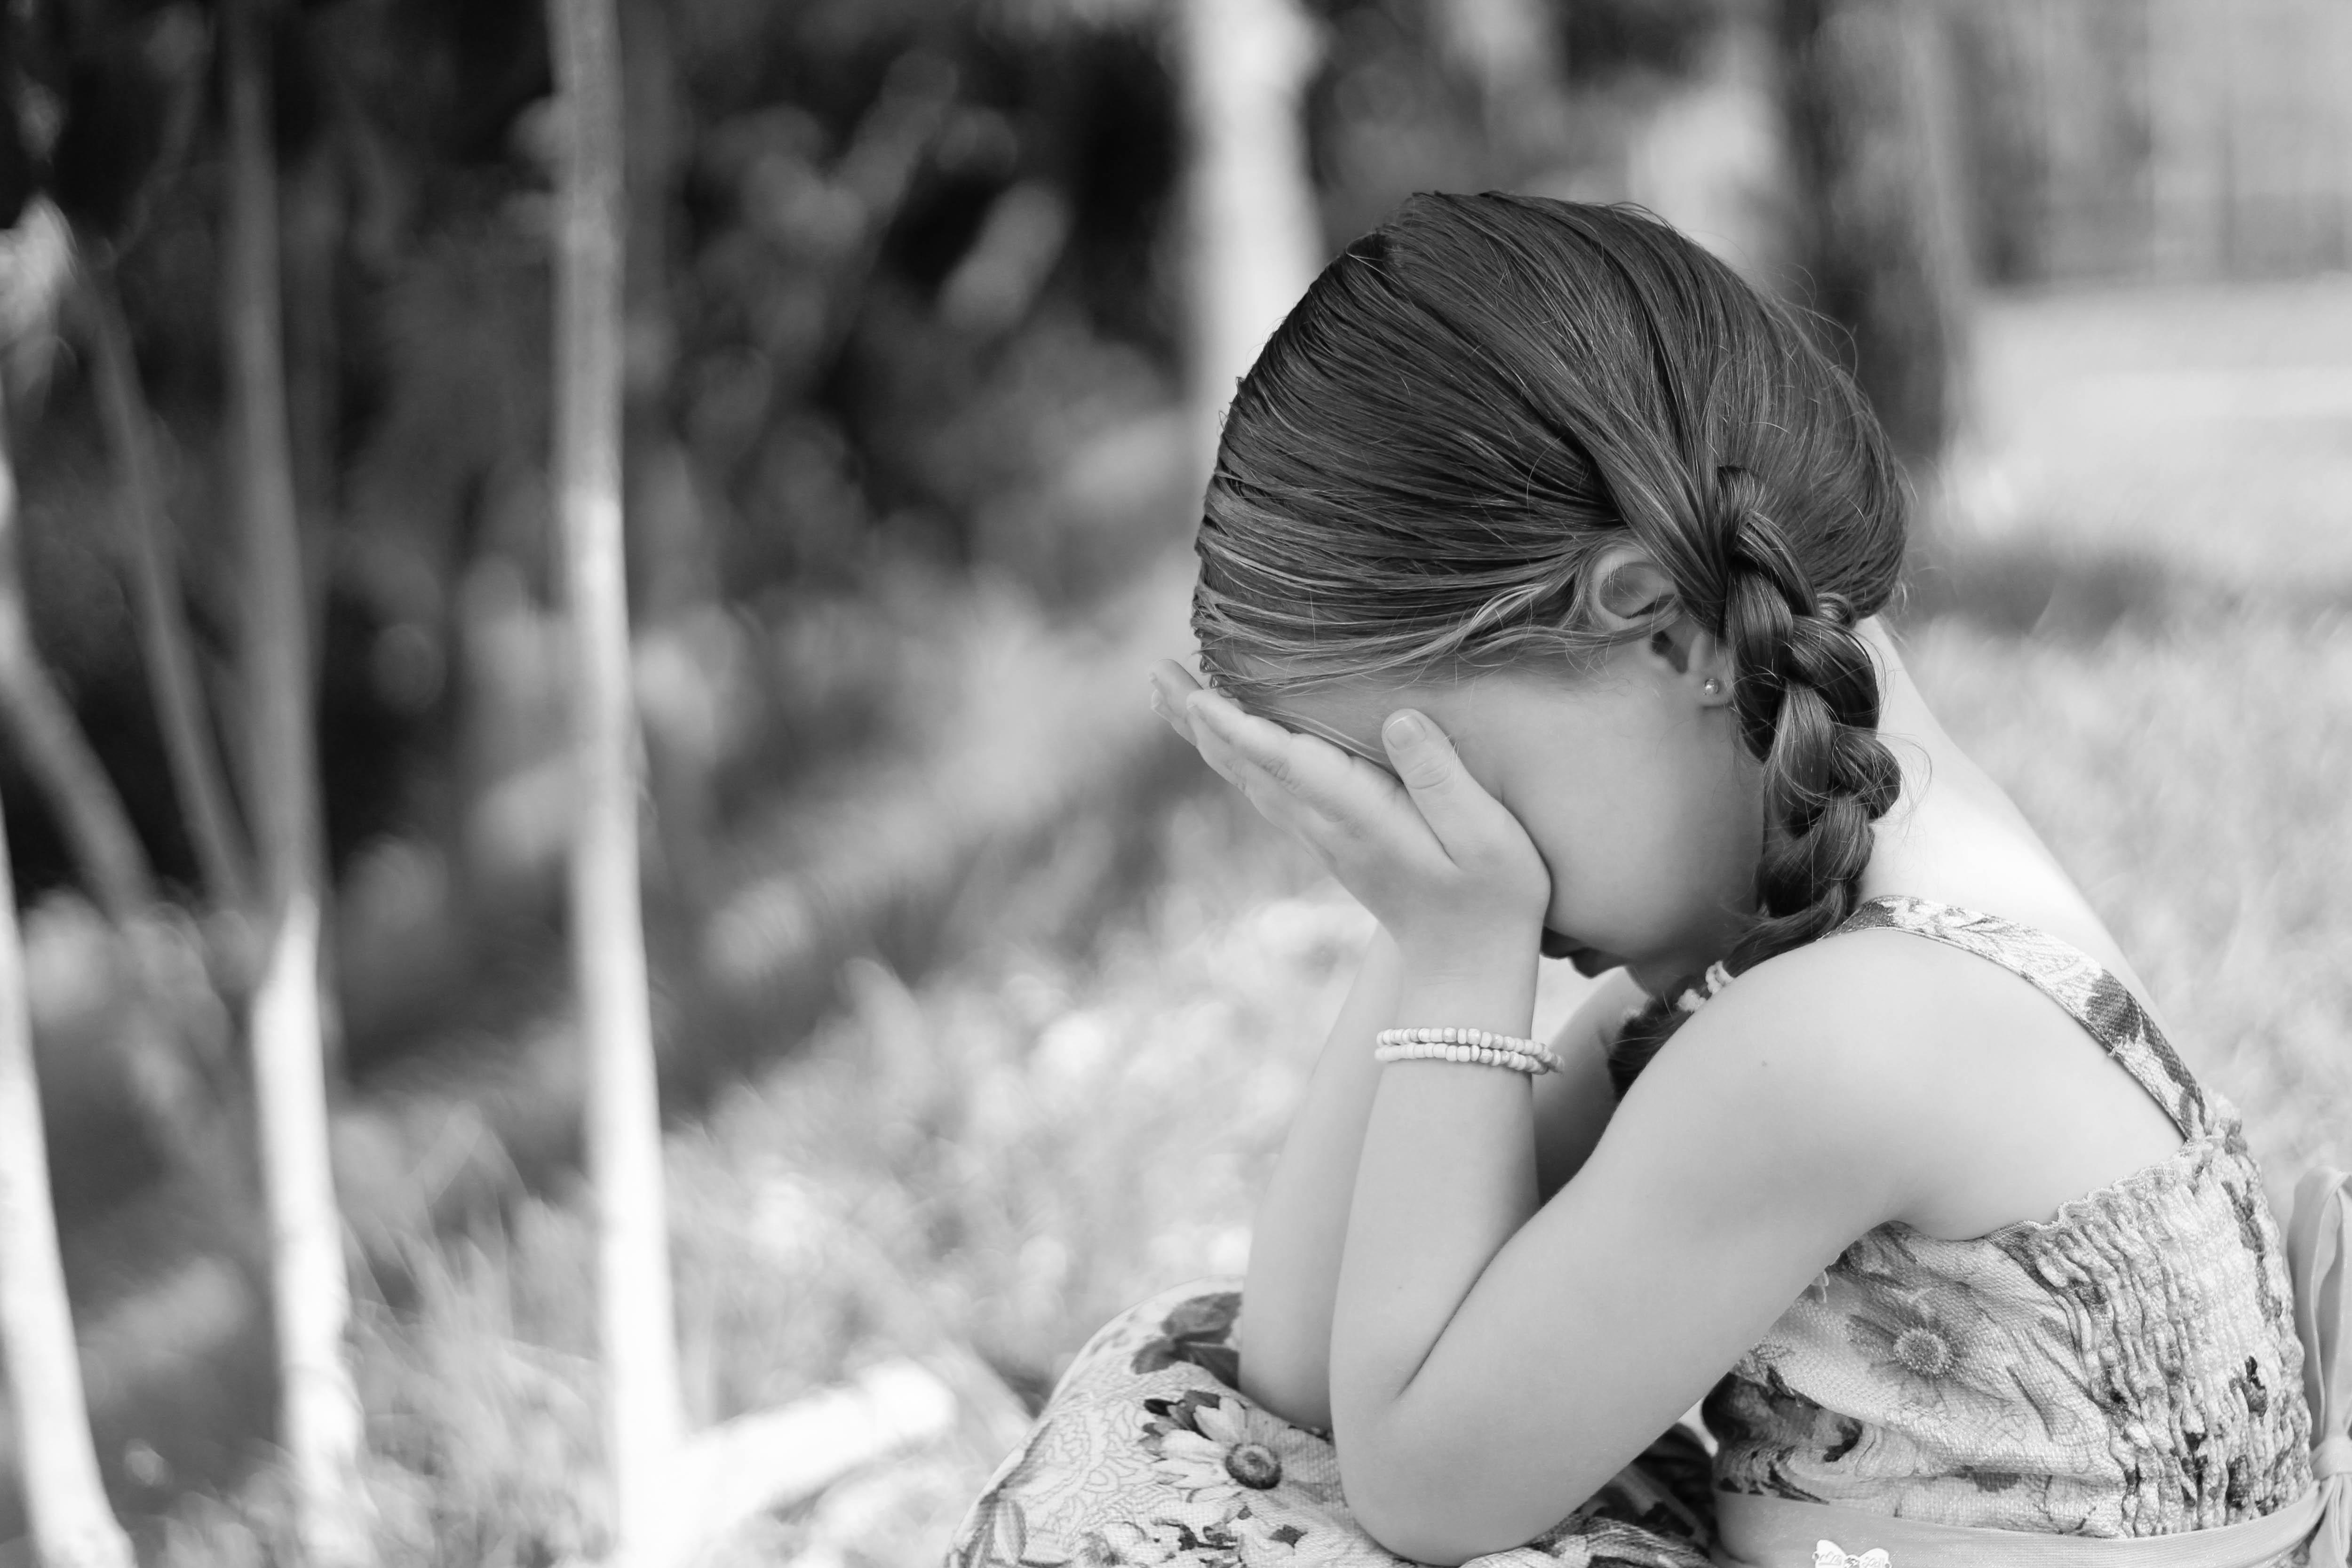 Картинка печали и грусти разочаровании